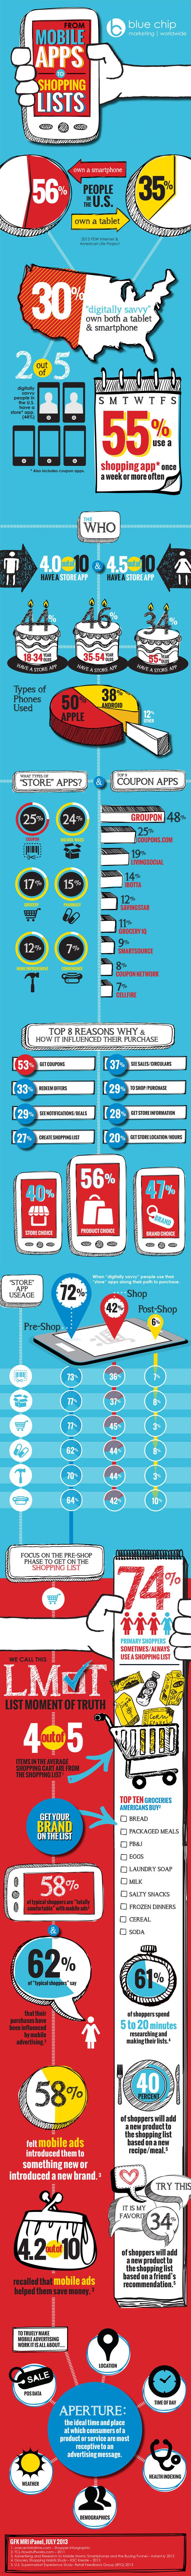 行动广告/促销影响购买的重要因素